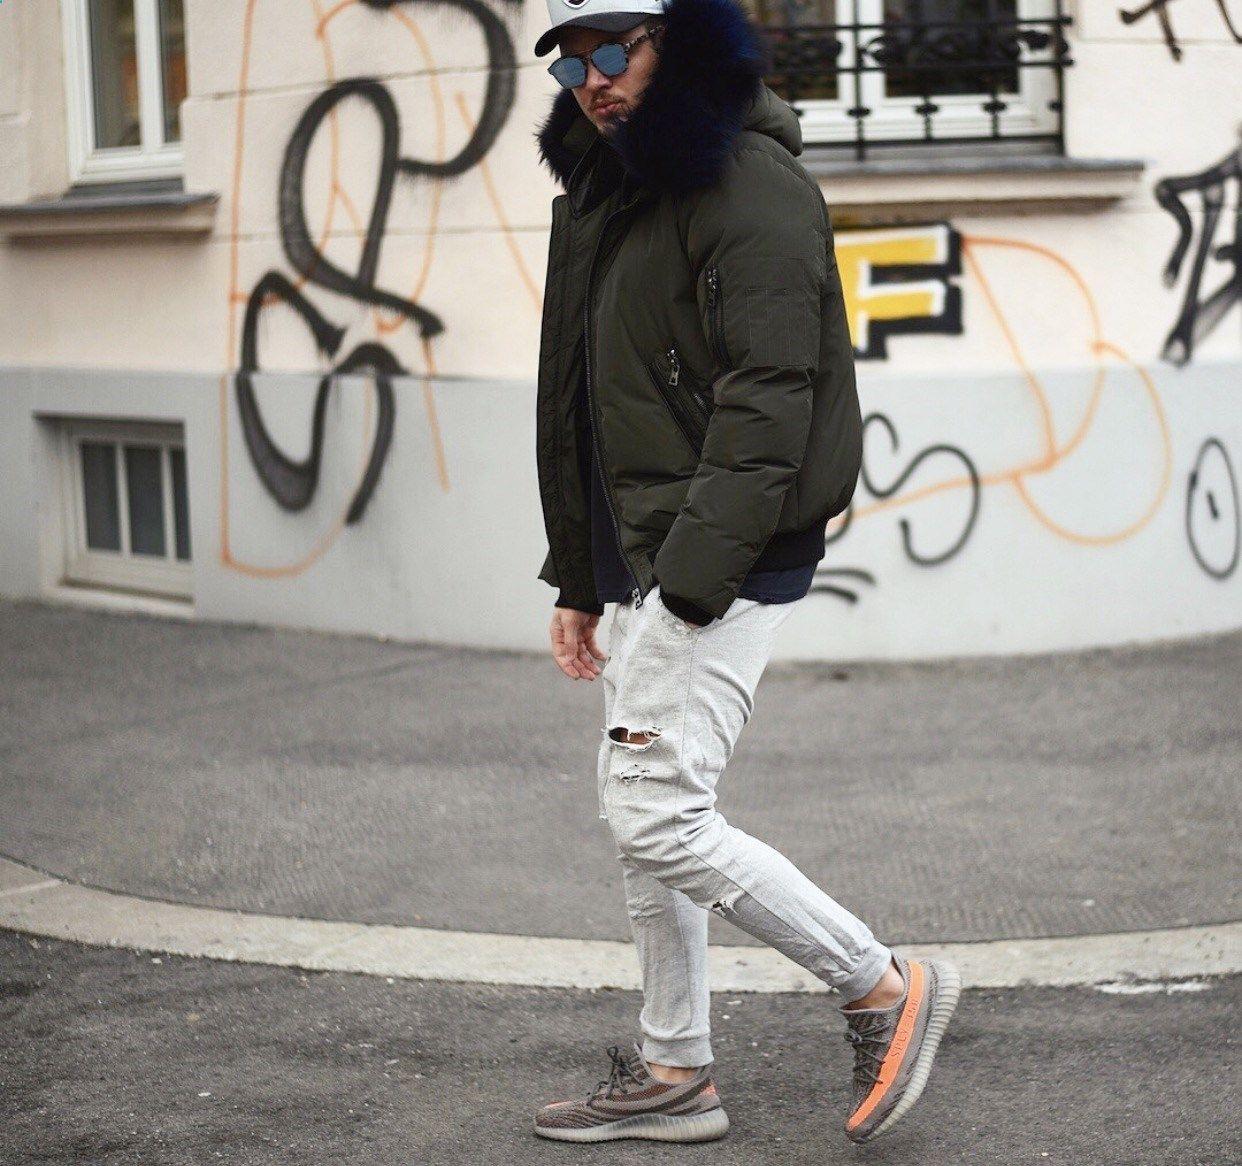 impresa adidas yeezy impulso 350 v2, mode, pinterest